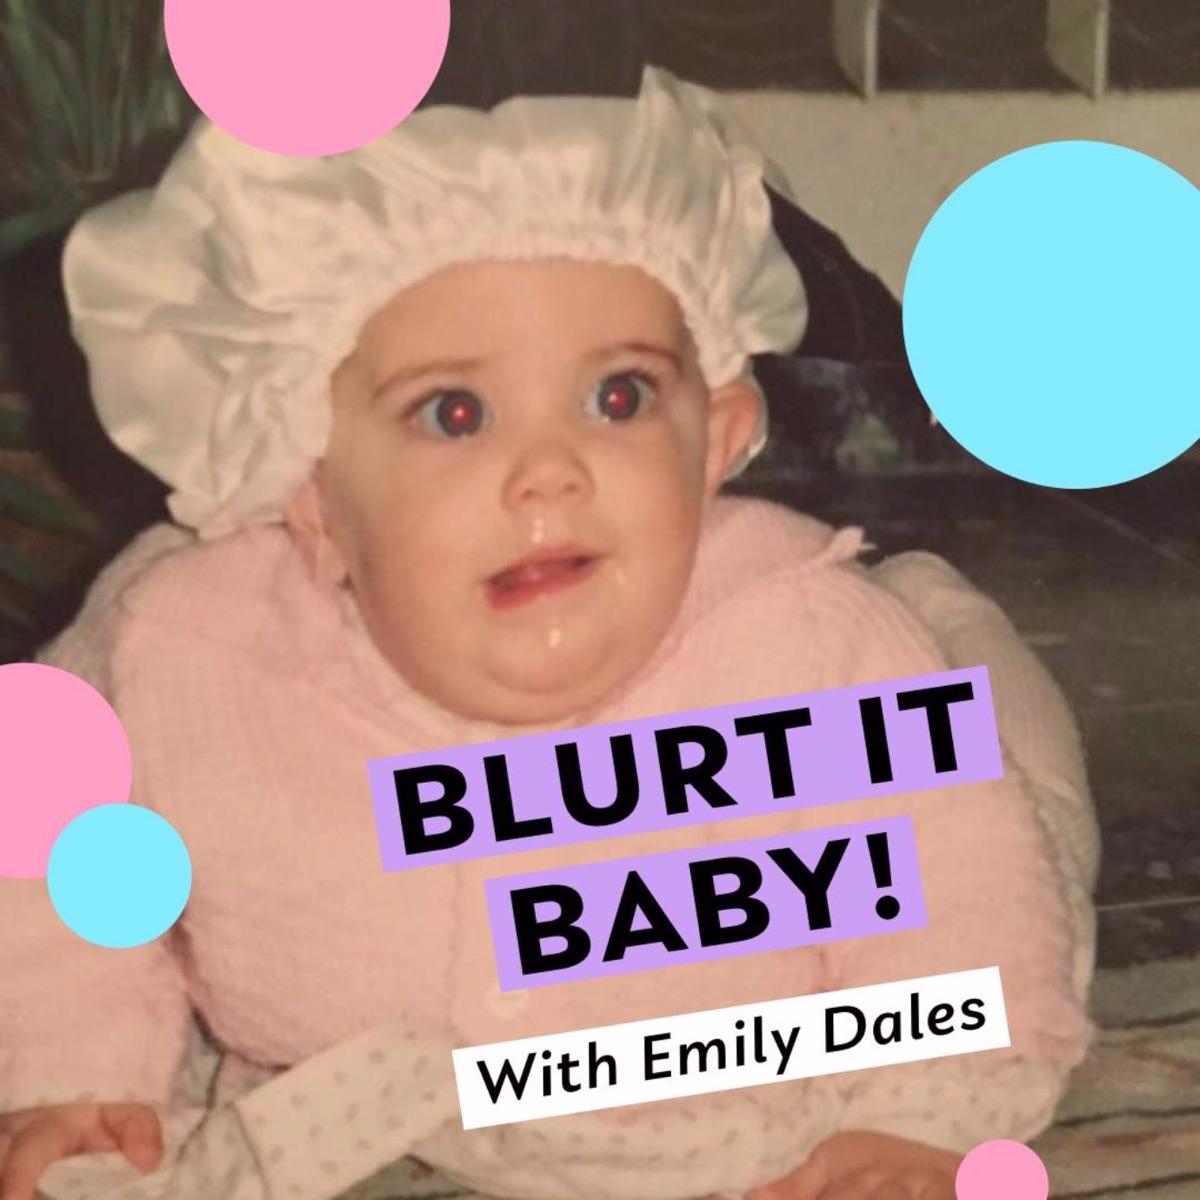 Blurt It Baby!